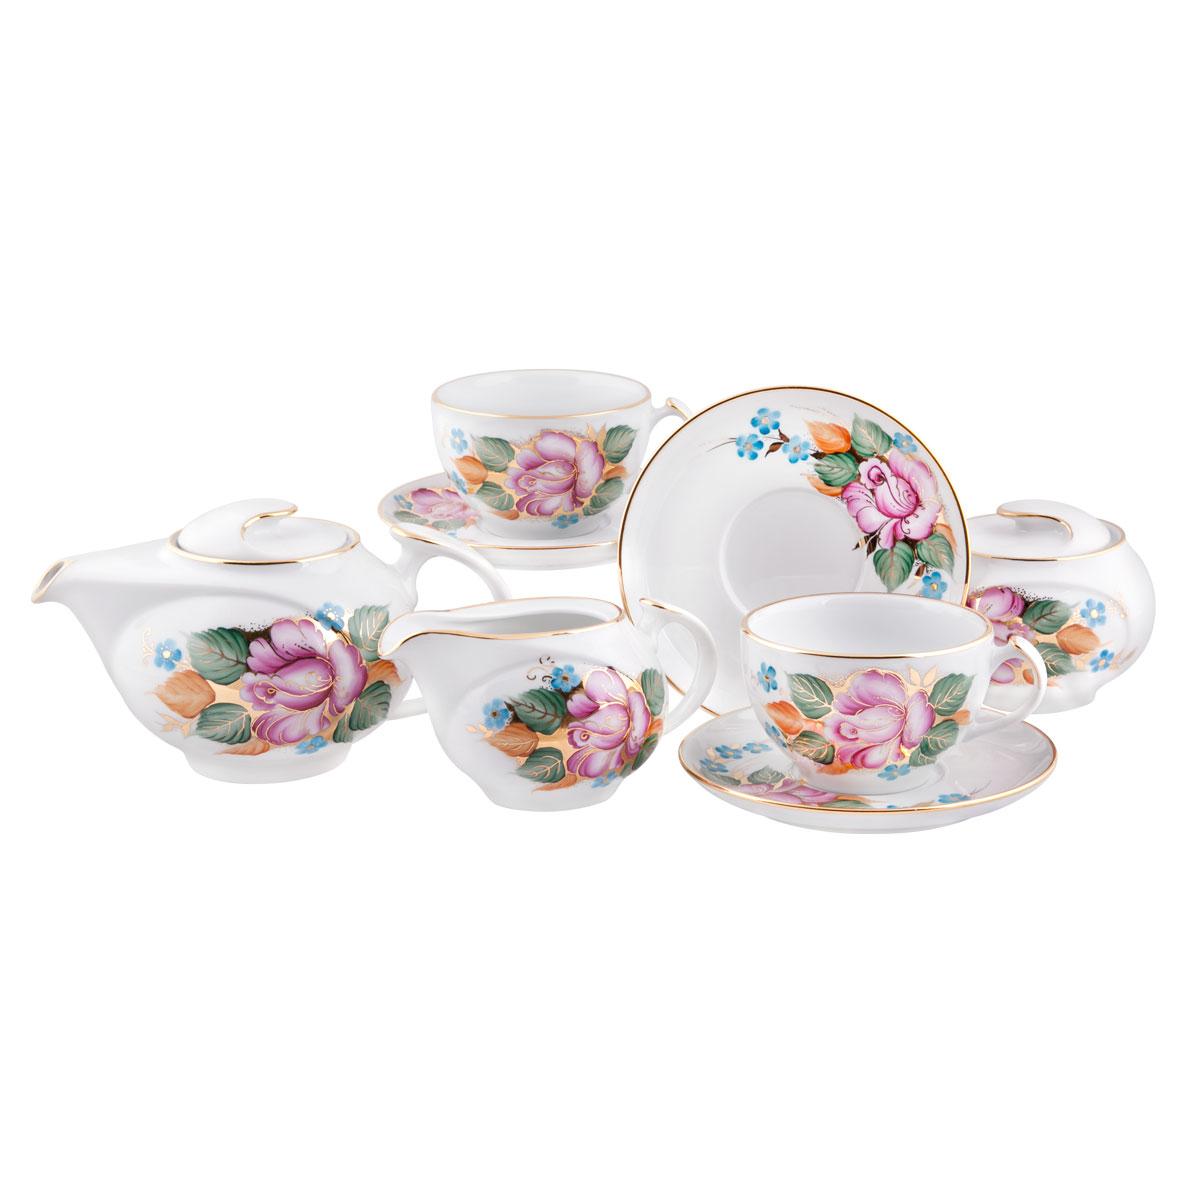 Сервиз чайный Башфарфор Розалия, 15 предметов115510Сервиз чайный из белого фарфора рассчитан на 6 персон. Тонкий белый фарфор.Изумительная посуда для настоящих ценителей с хорошим вкусом, подходит и для особых случаев и на каждый день. В состав набора входит: чашка 250мл 6 шт, блюдце 14,5см 6 шт, сахарница 300мл 1шт, чайник 600мл 1 шт, Молочник 250мл 1шт.